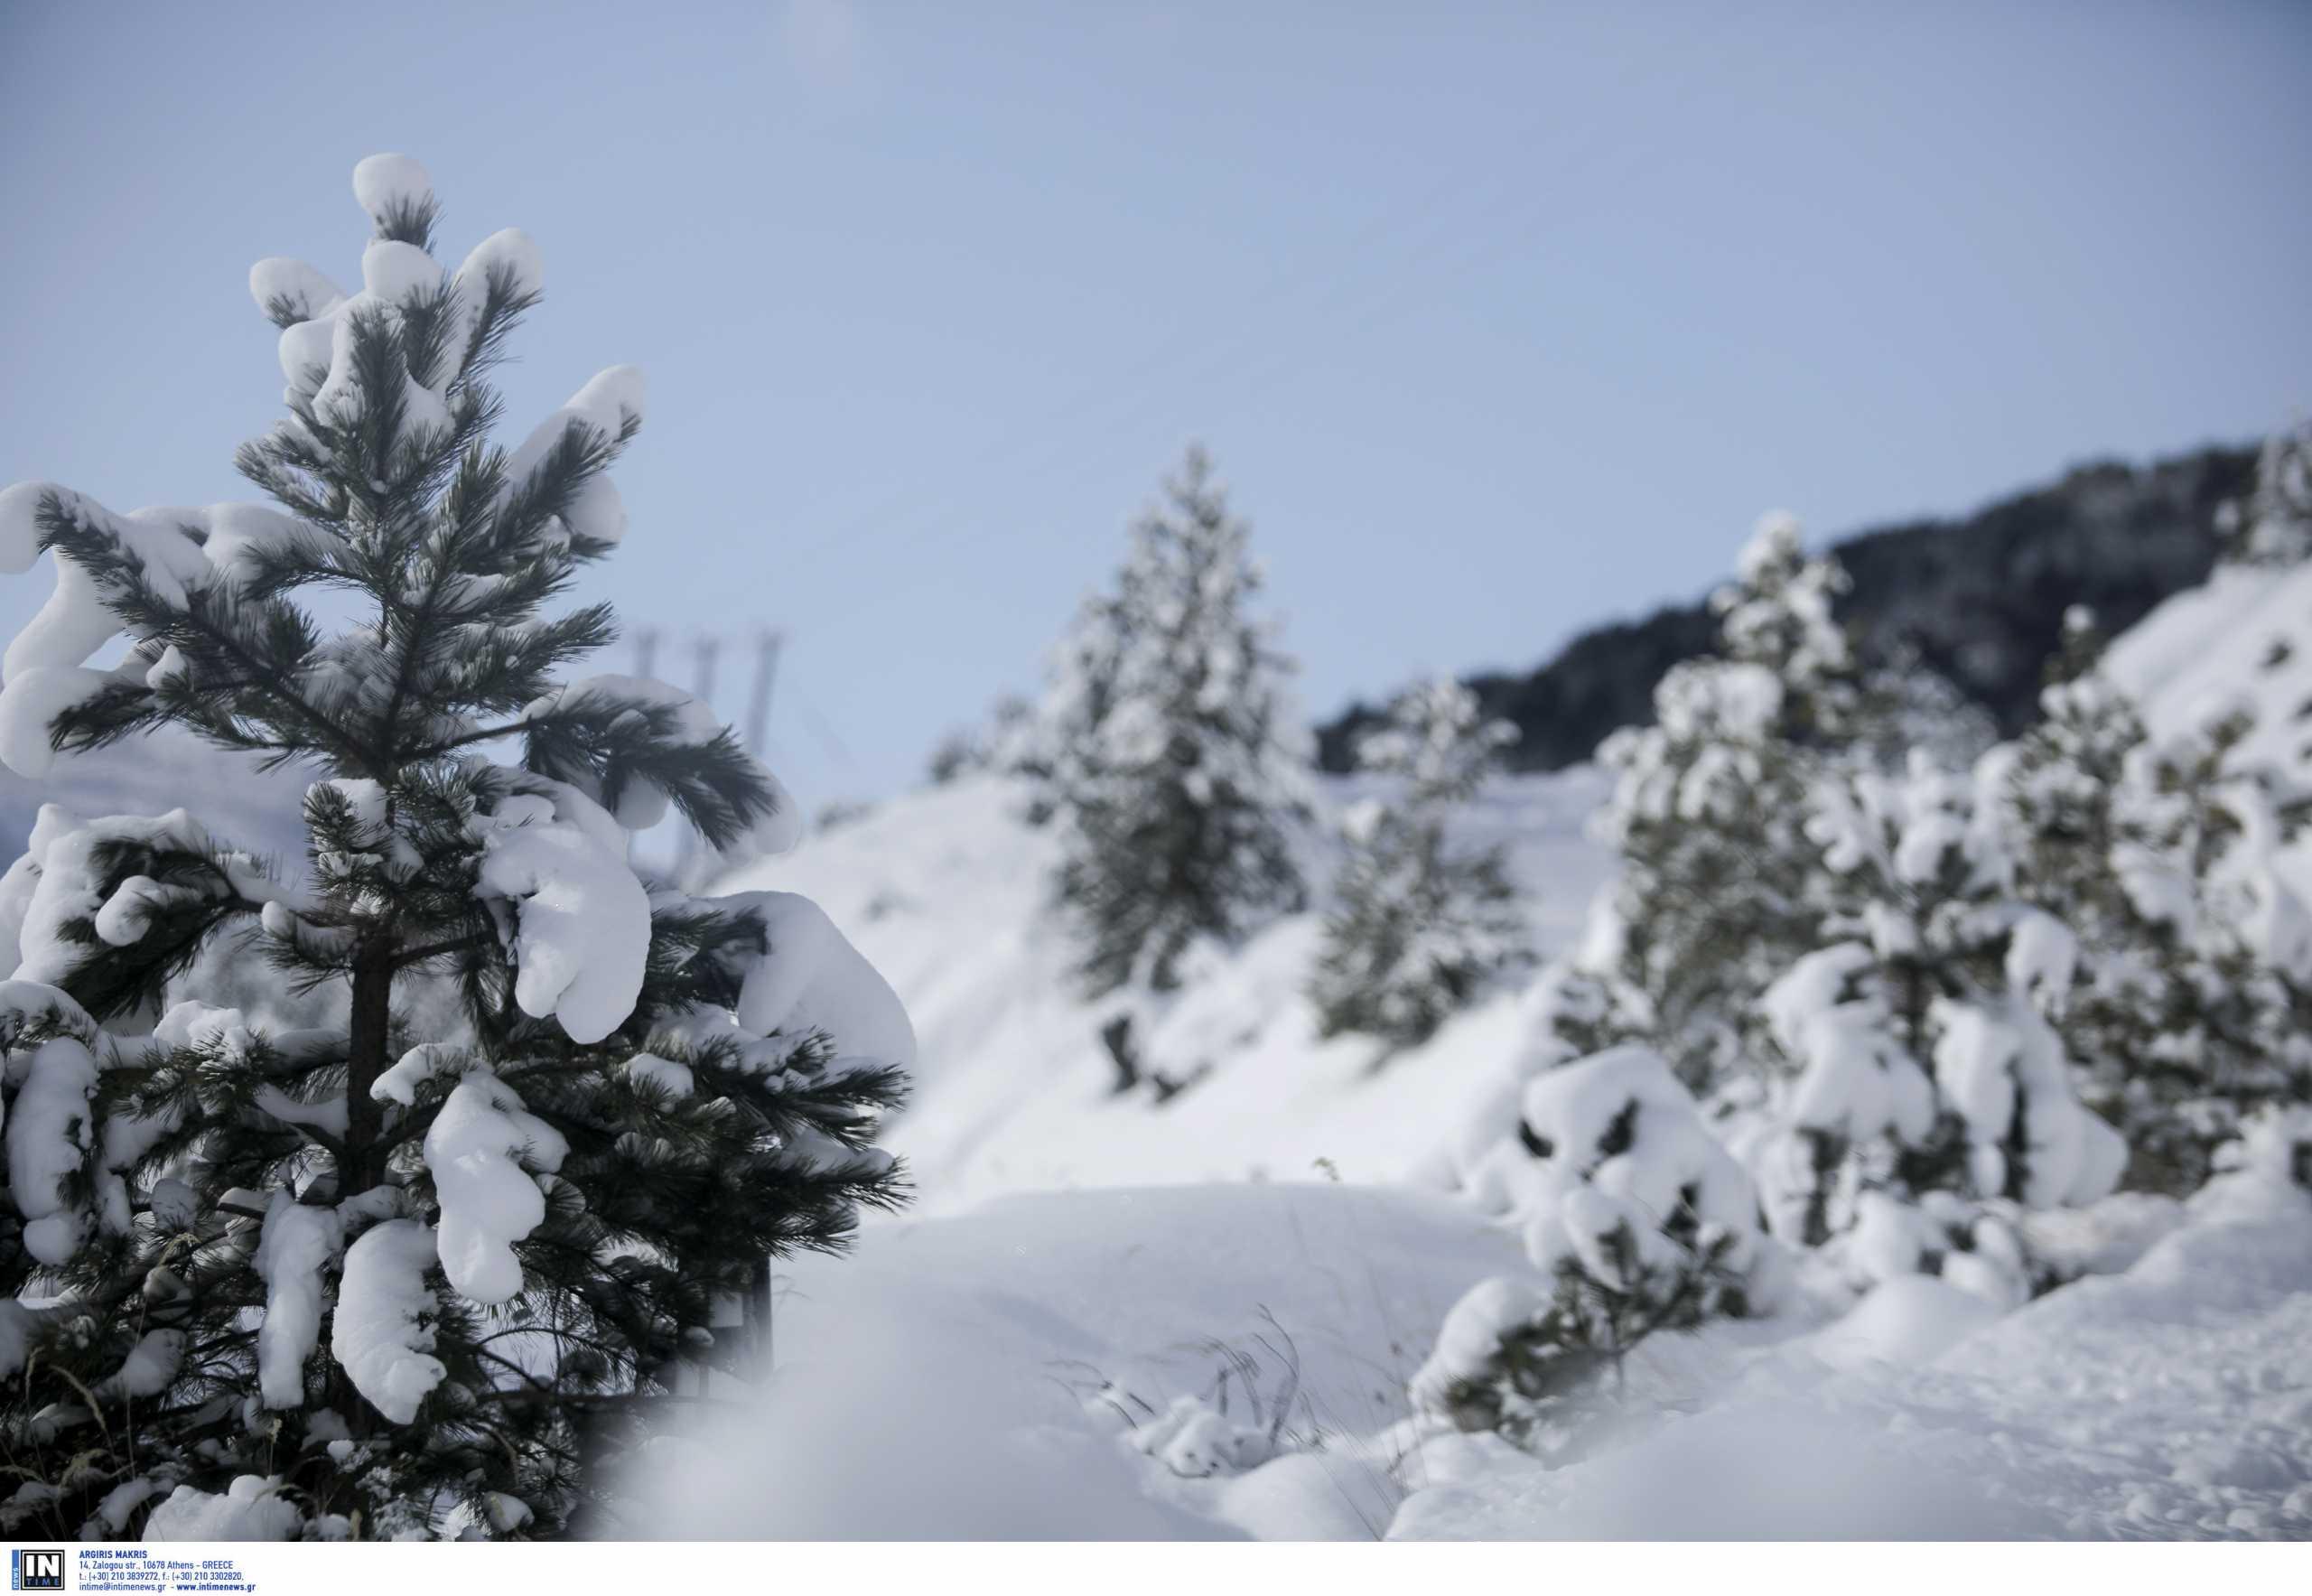 Διέφυγε τον κίνδυνο ο σκιέρ που τραυματίστηκε από τη χιονοστιβάδα